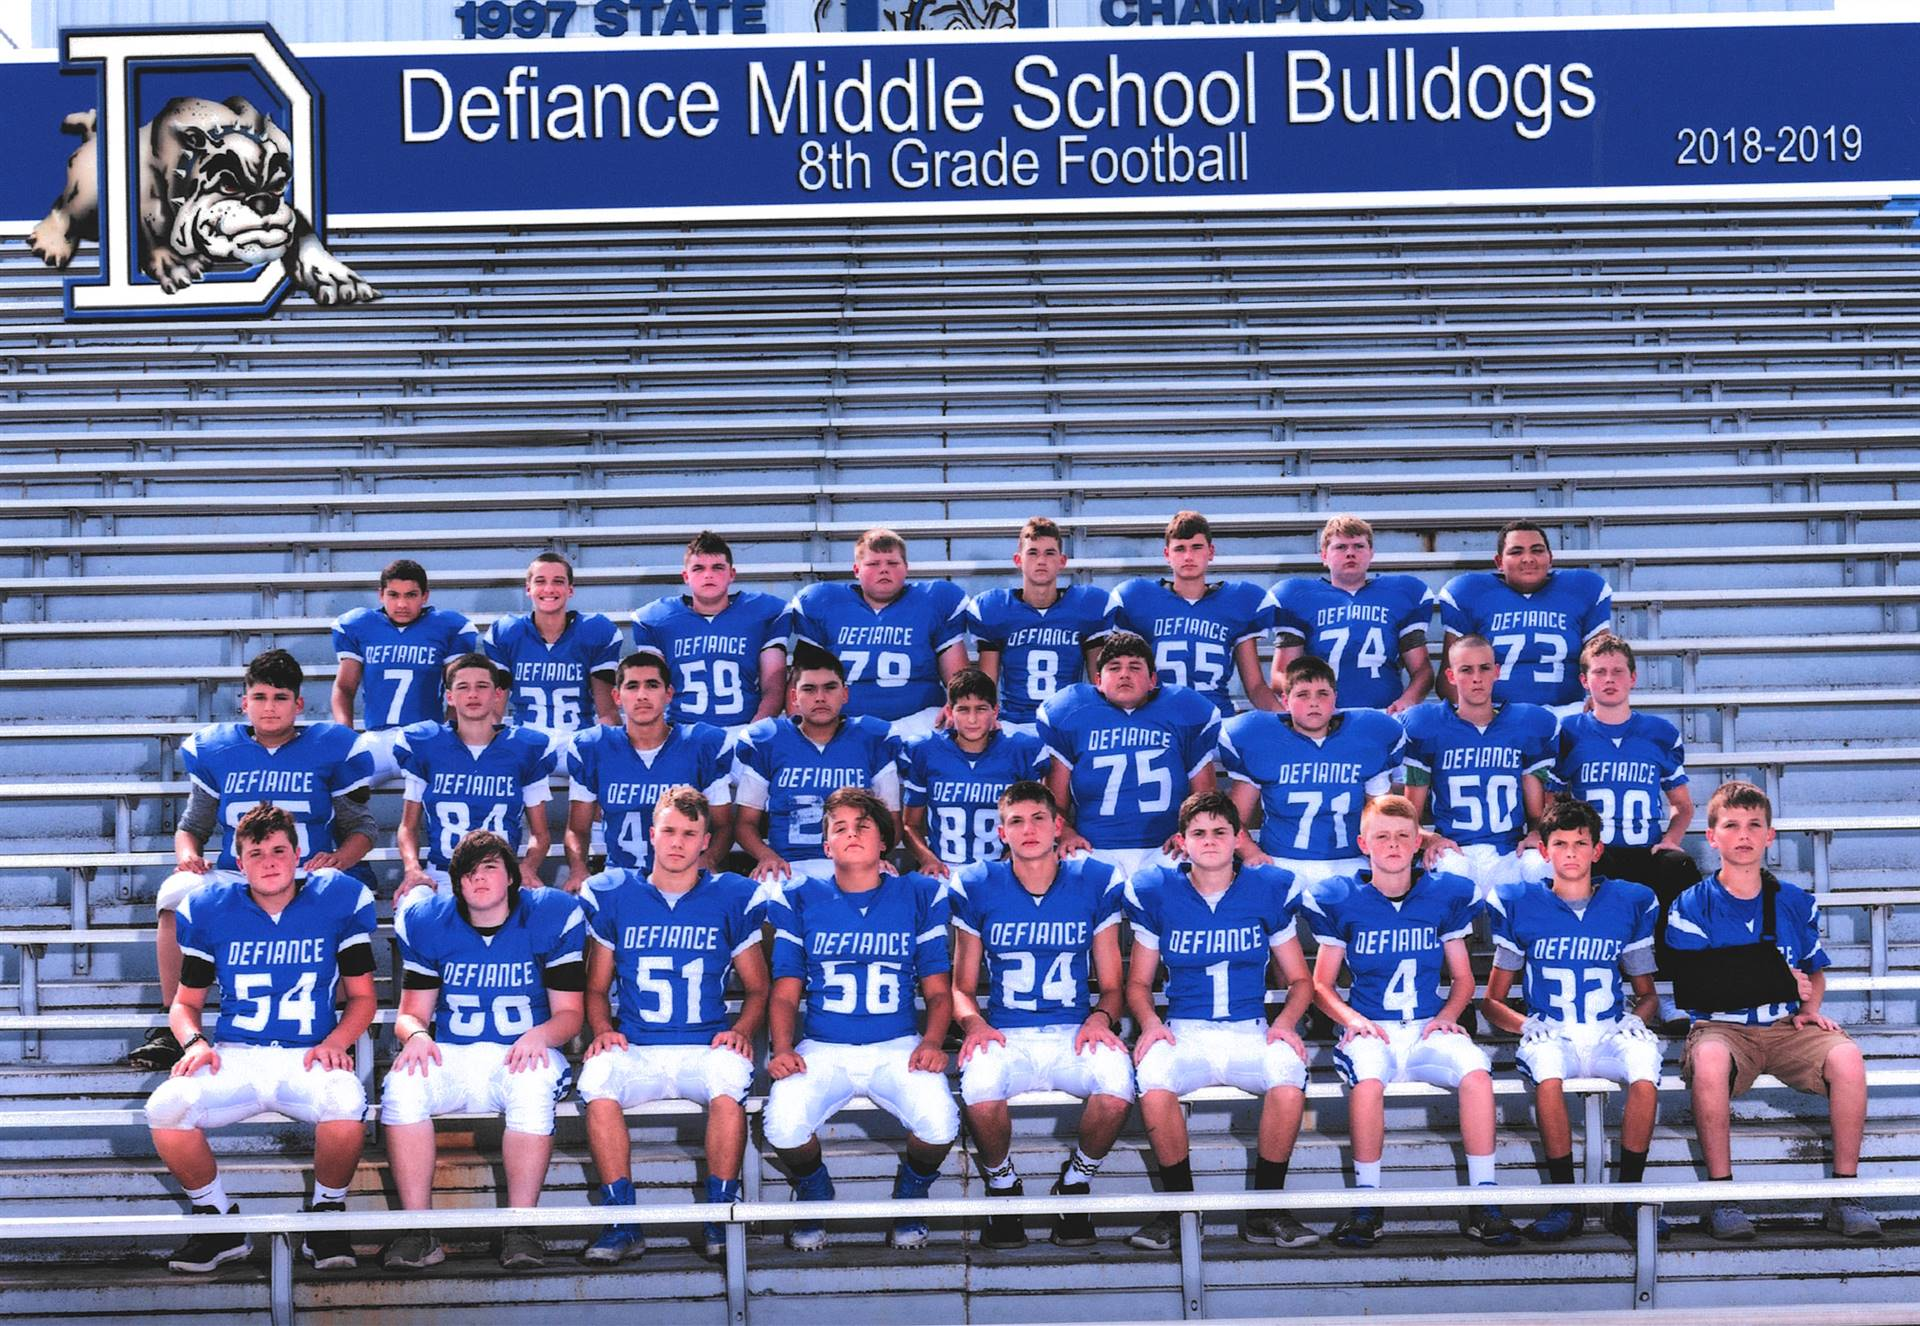 8th Grade Football-2018